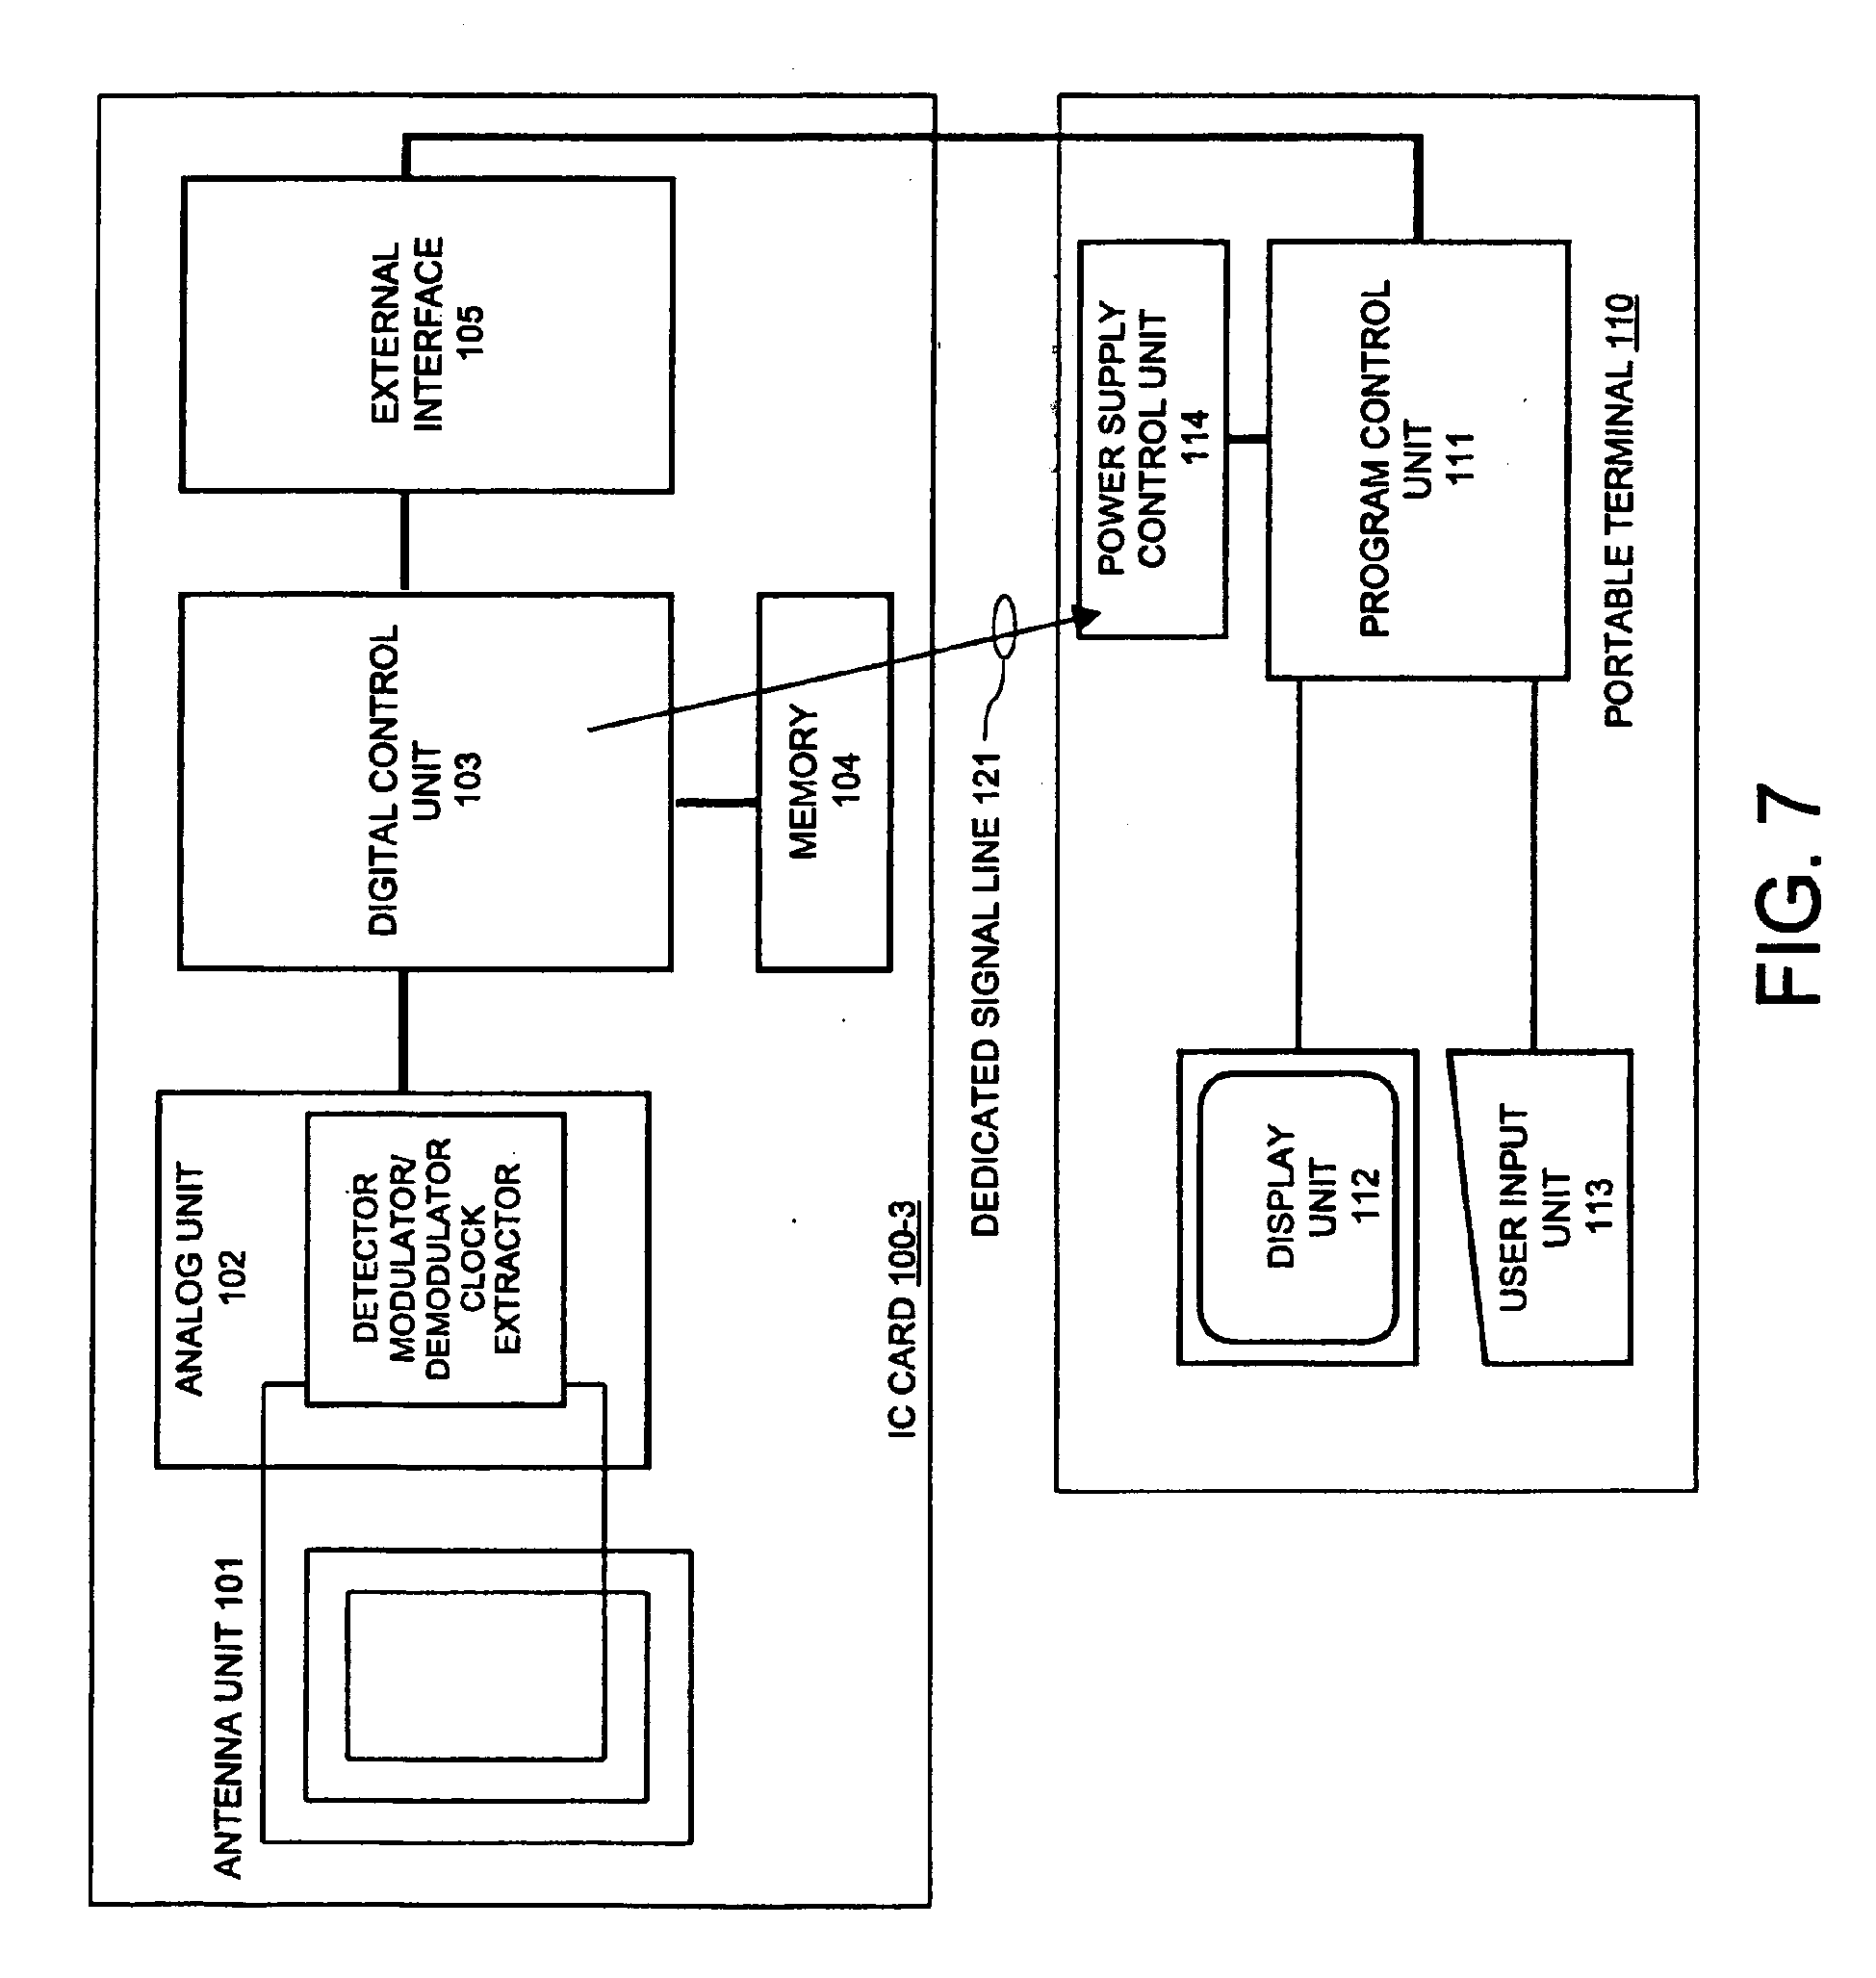 专利ep1441306b1 - ic